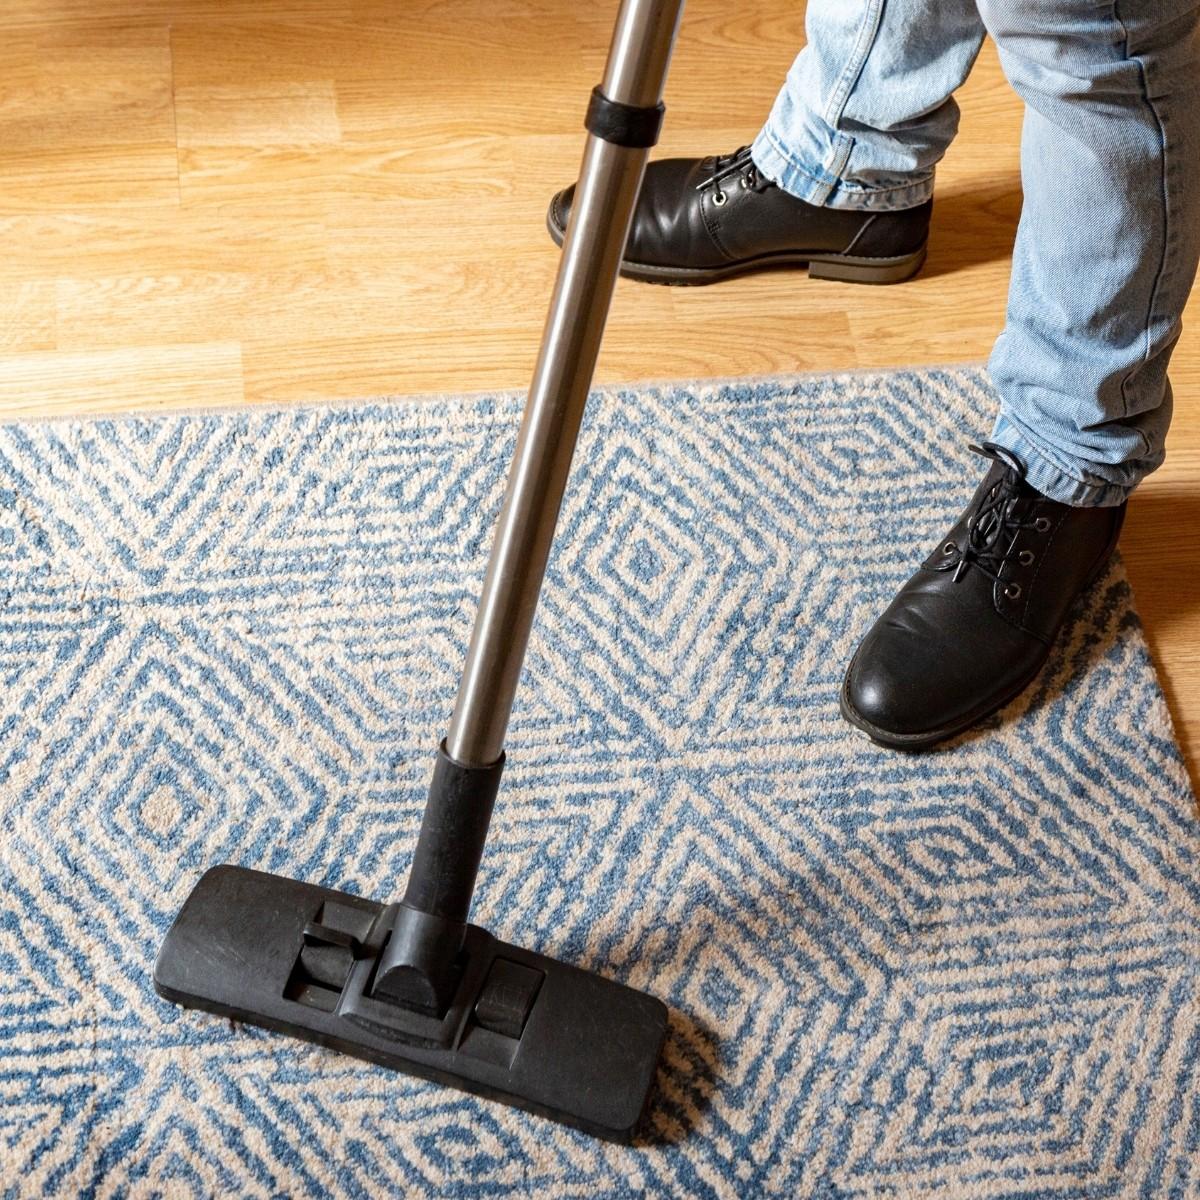 Area rug care | The Carpet Shoppe